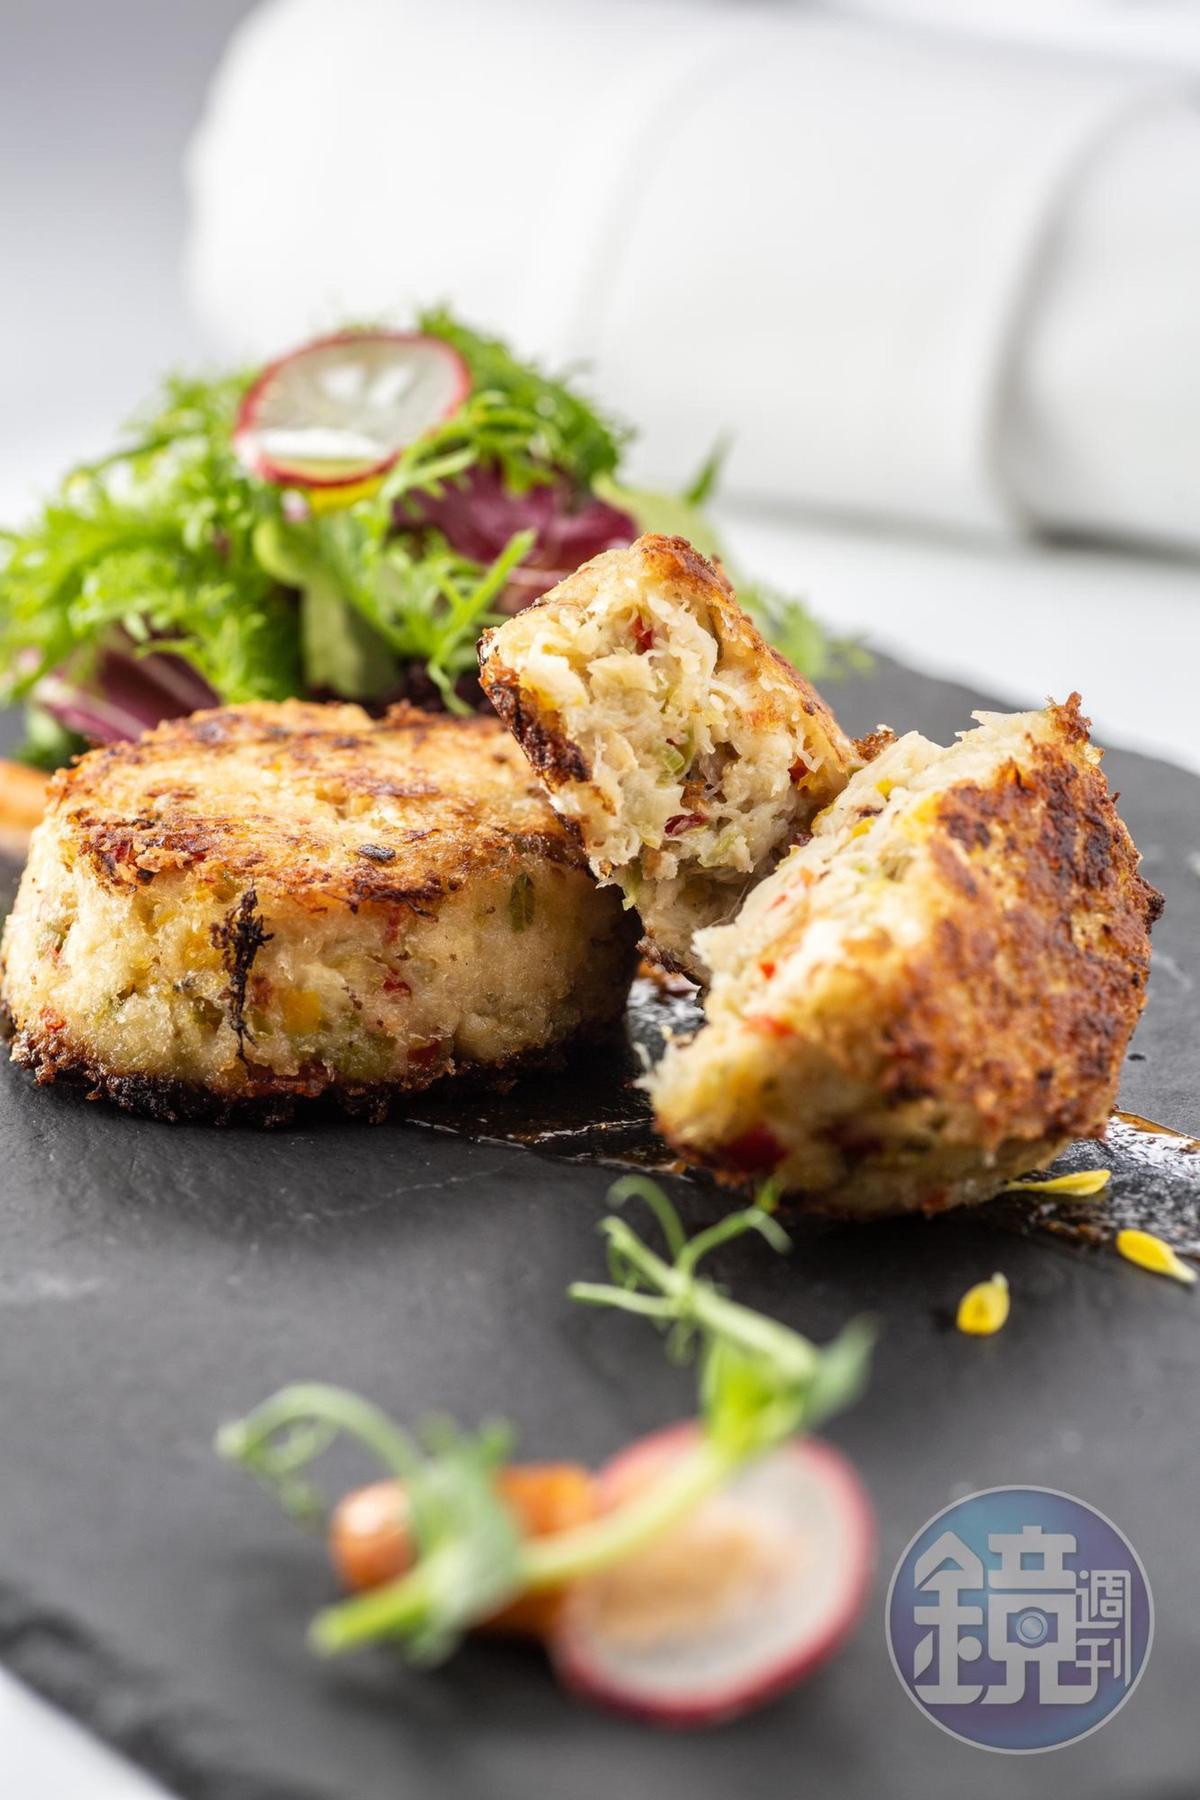 沙公蟹肉加入蔬菜、香料的製作的「路易斯安那蟹肉餅」,搭配辣味紐奧良肯瓊醬,有異國風情。(480元/份)